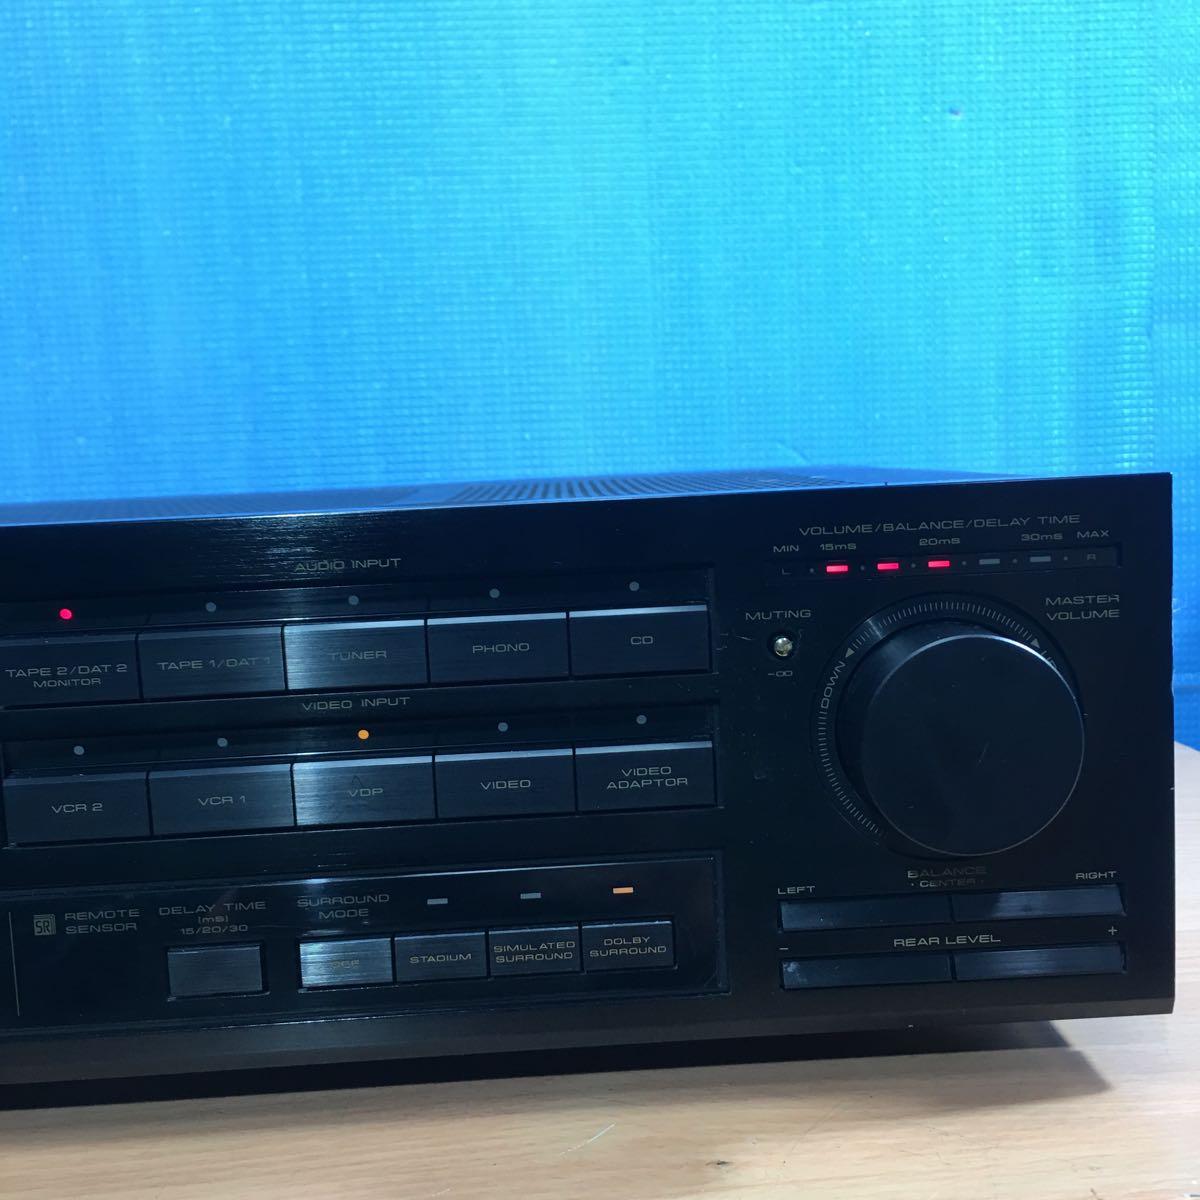 P IONEER AV デジタル サラウンド アンプ VSA-500 Ⅱ_画像5